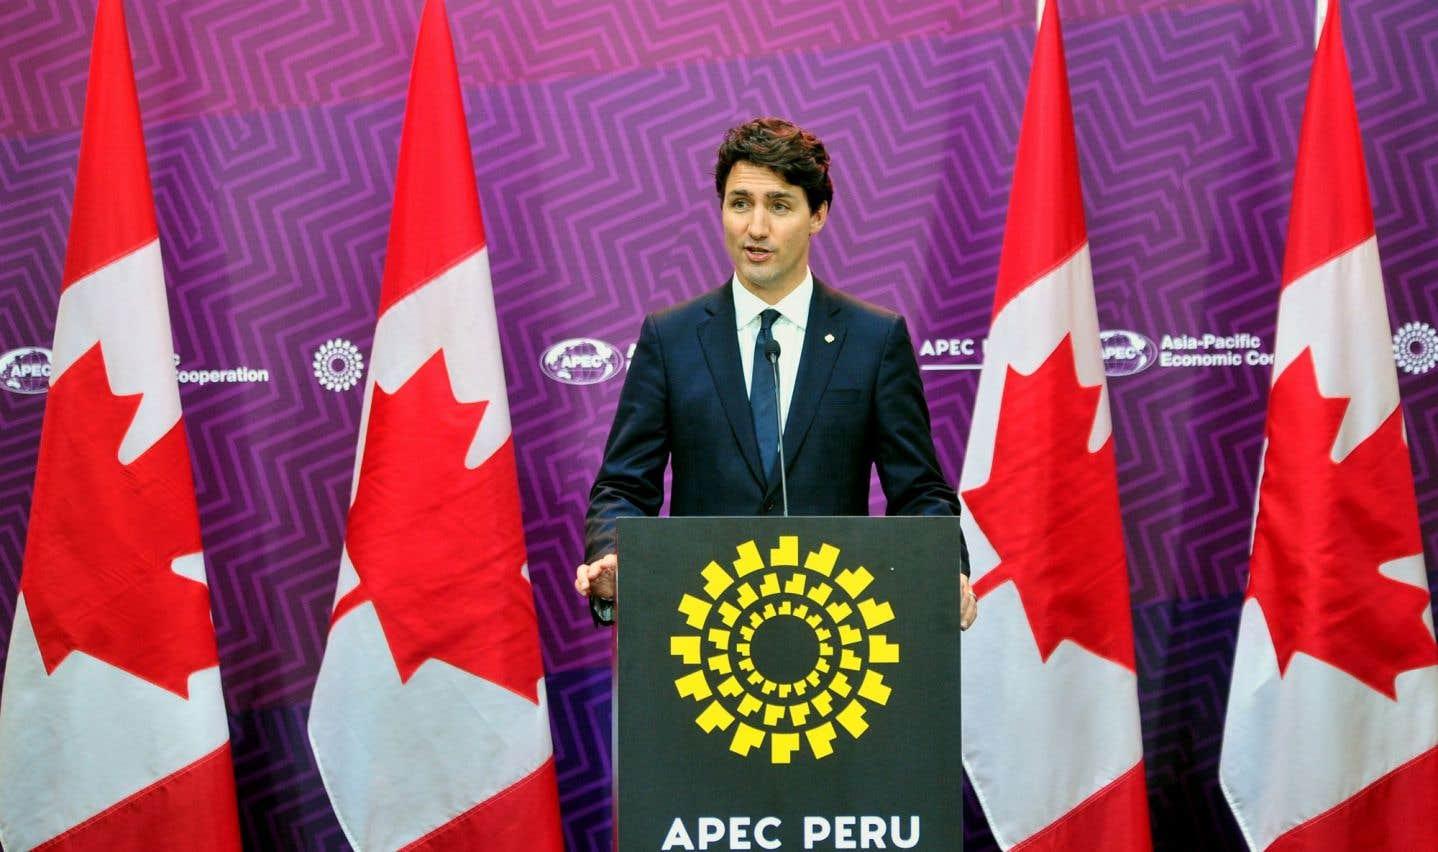 Les clans Trump et Trudeau en discussion pour «éviter une guerre commerciale»